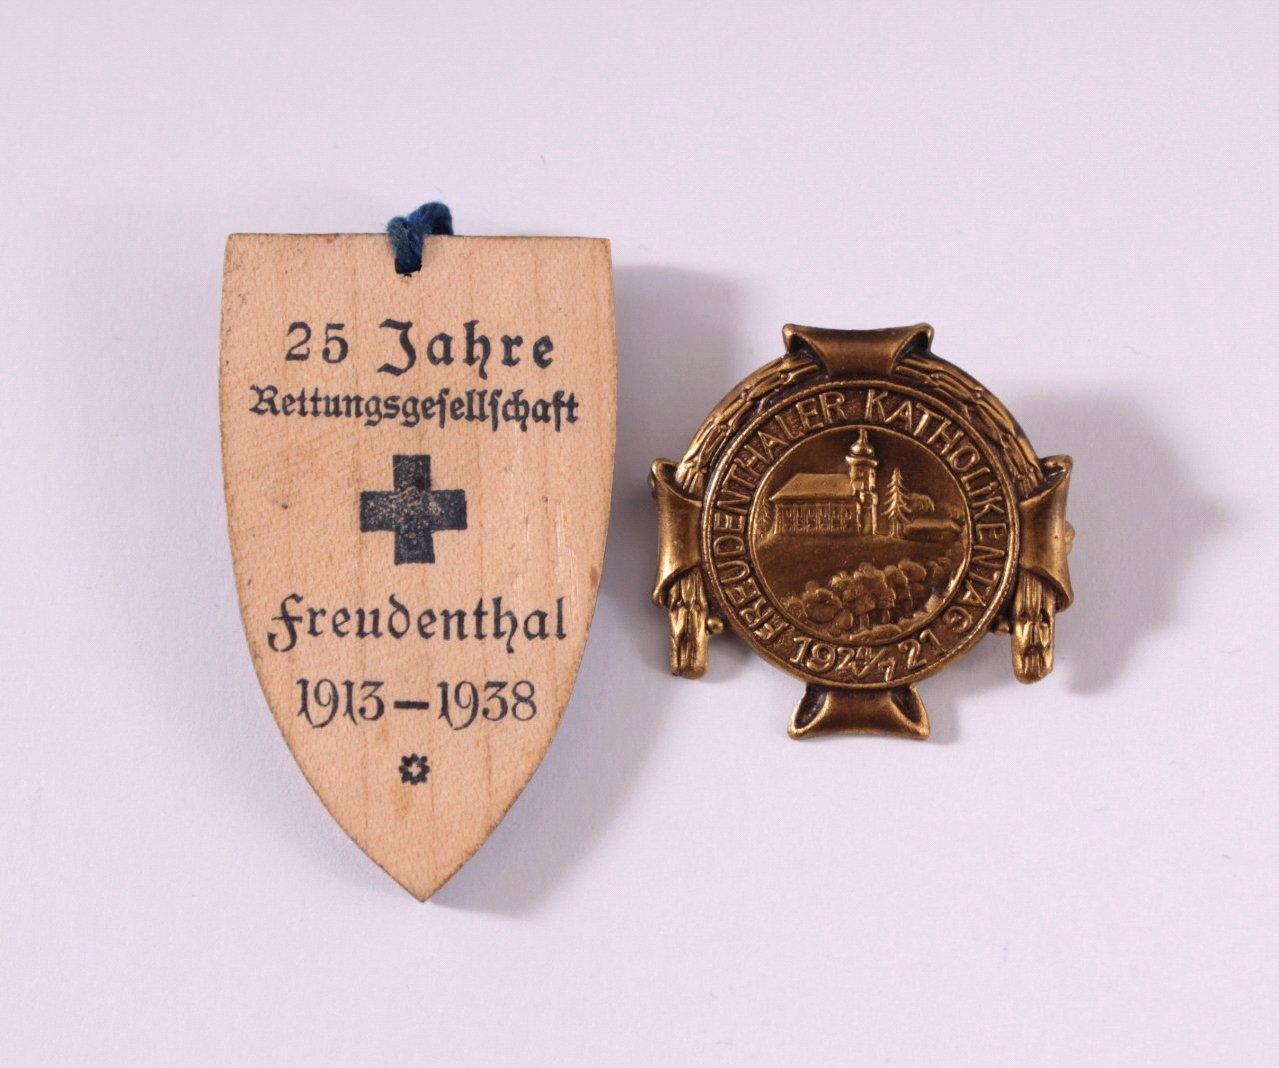 2 Veranstaltungsabzeichen Freudenthal